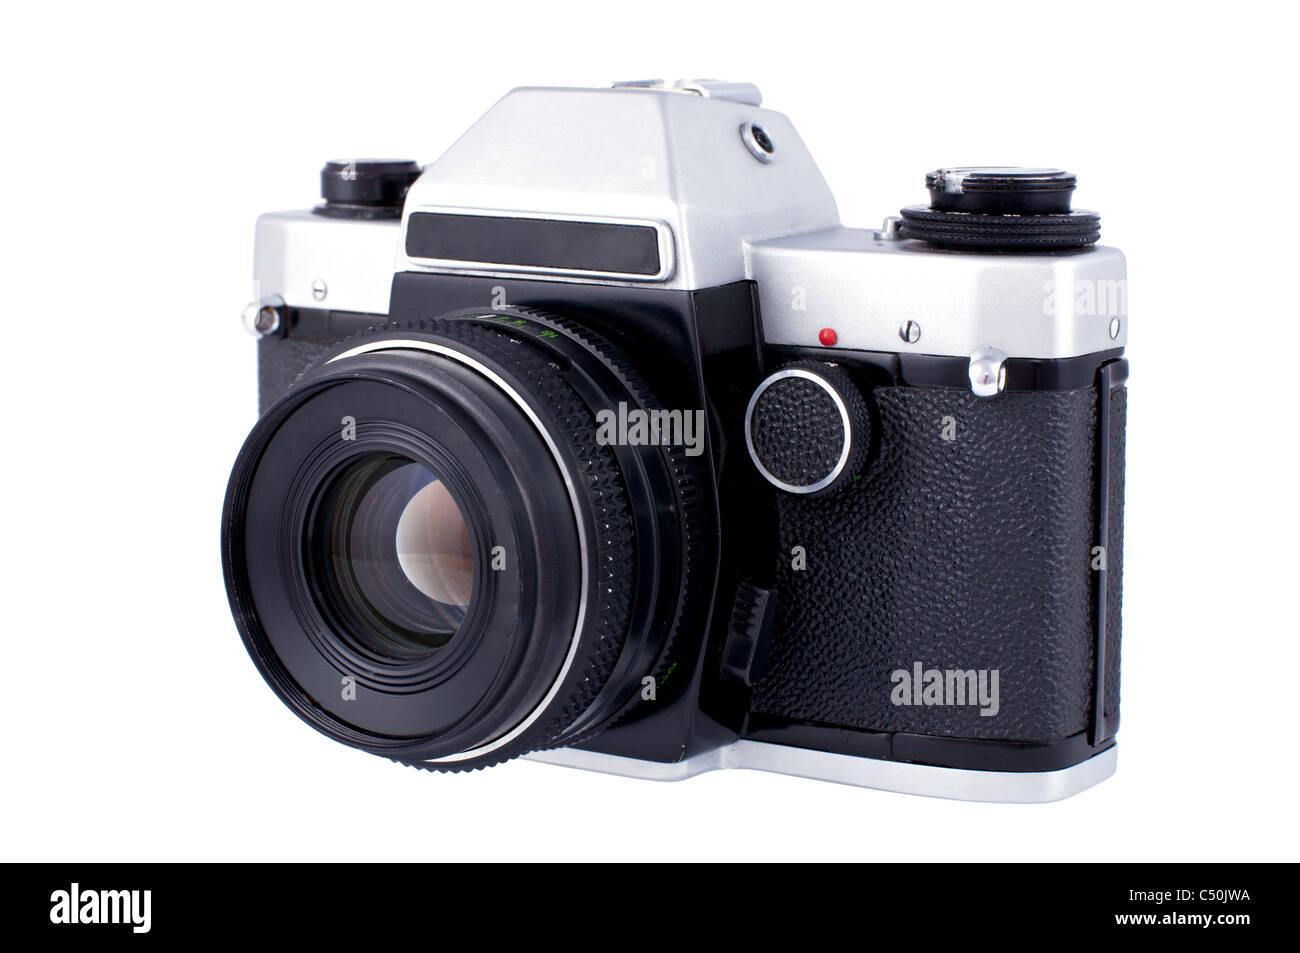 Soviet retro photo camera isolated on white background - Stock Image